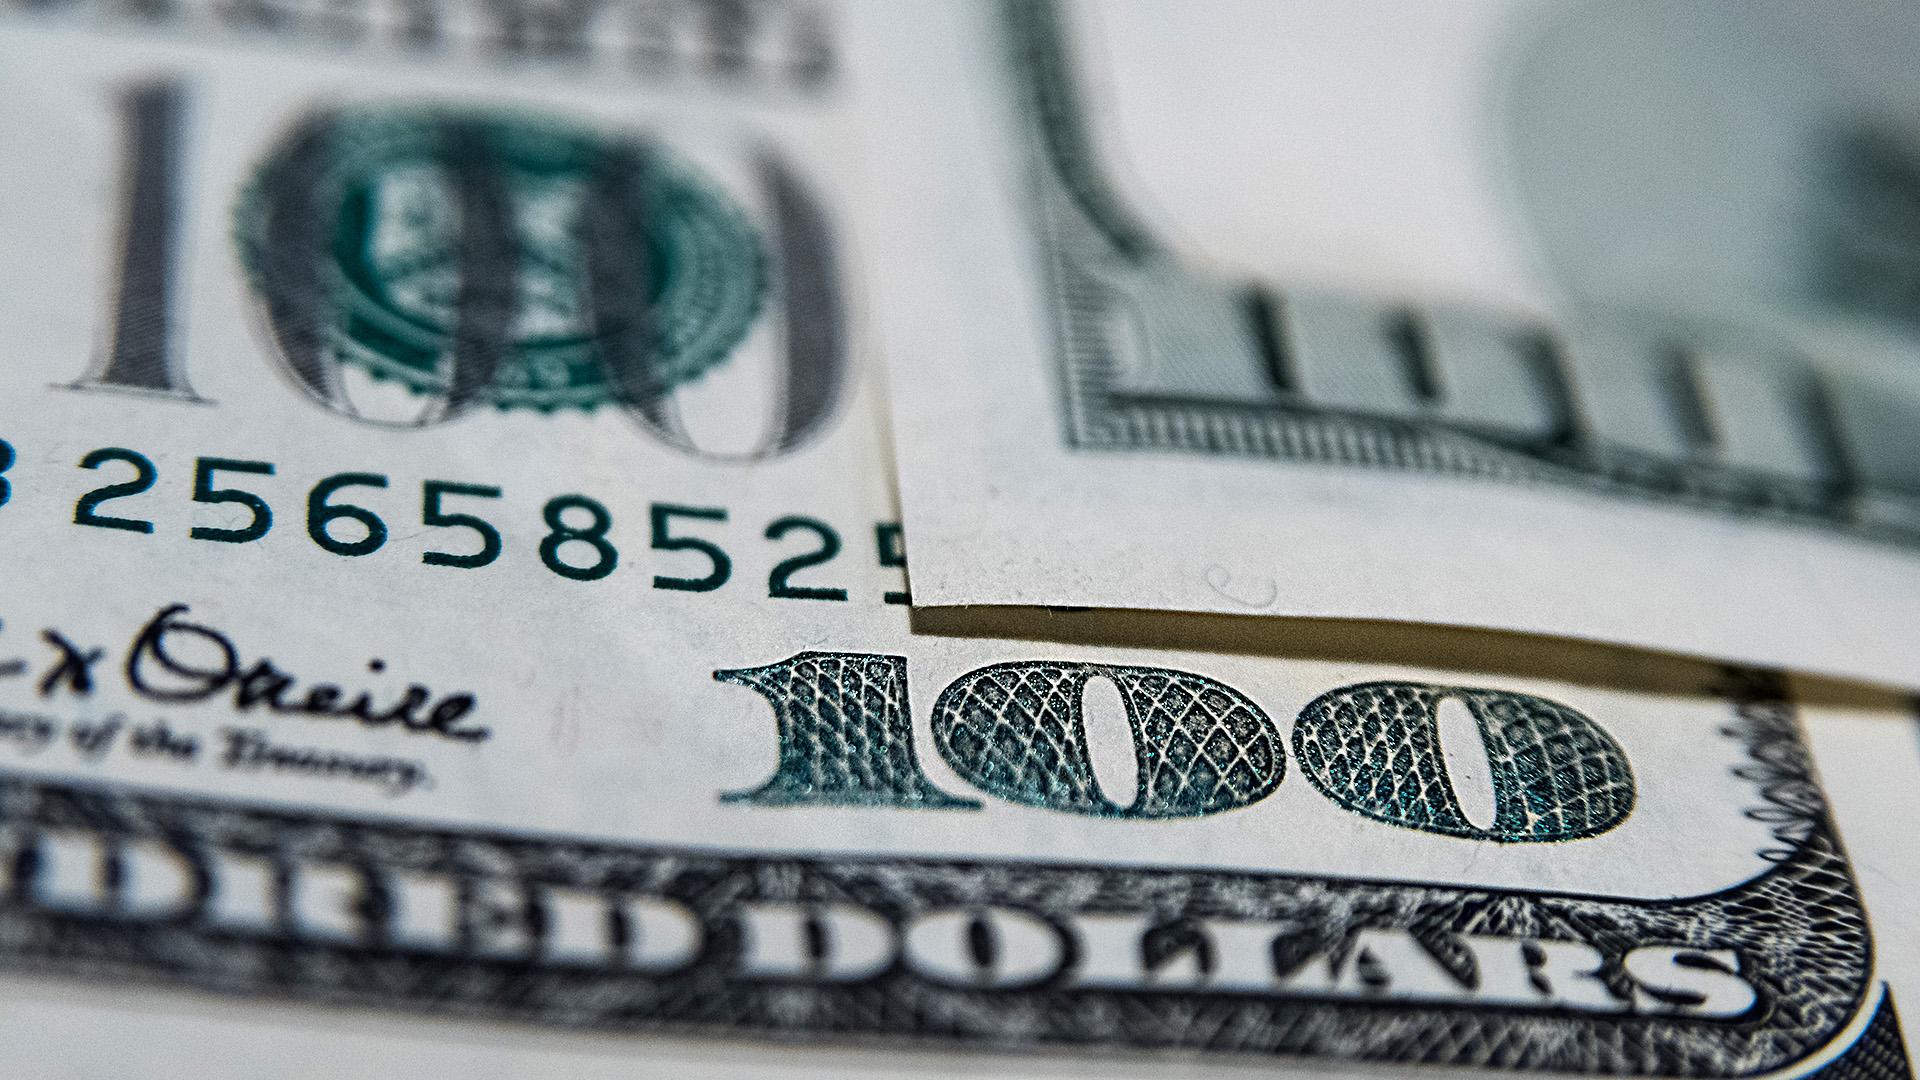 Con idas y vueltas, el dólar vale casi lo mismo que al cierre de 2018. (Adrián Escandar)